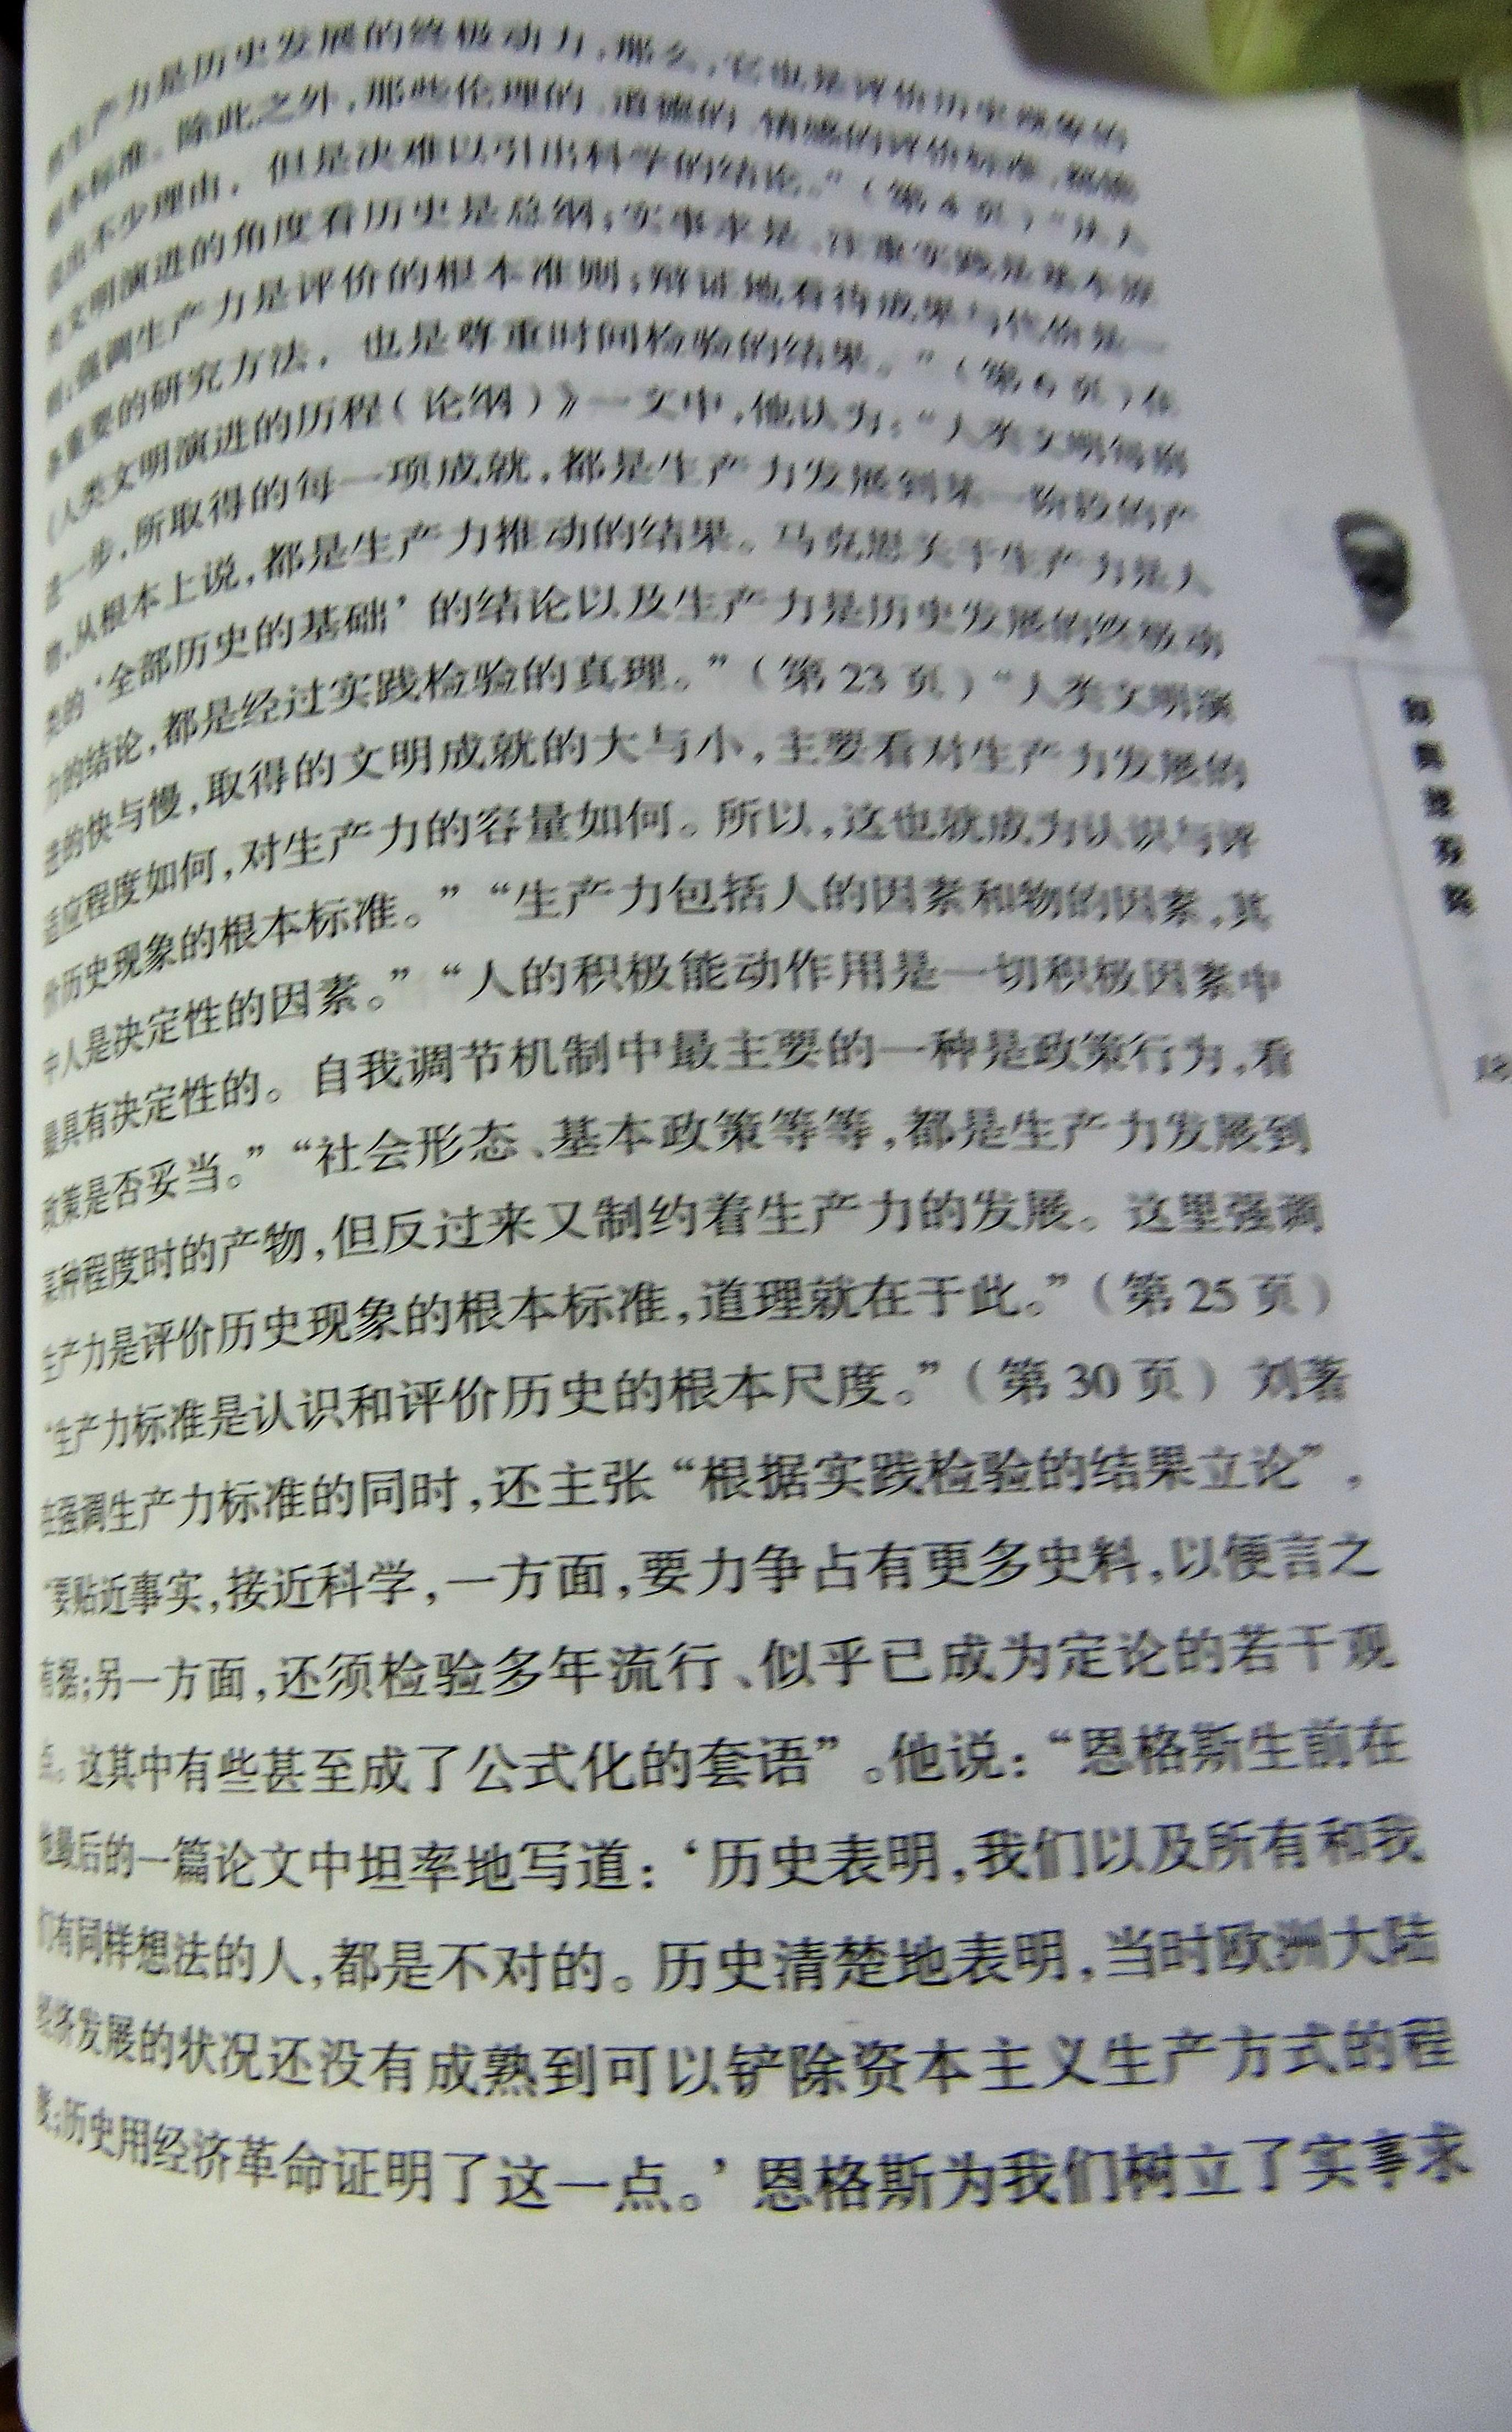 2 DSCN8594.jpg